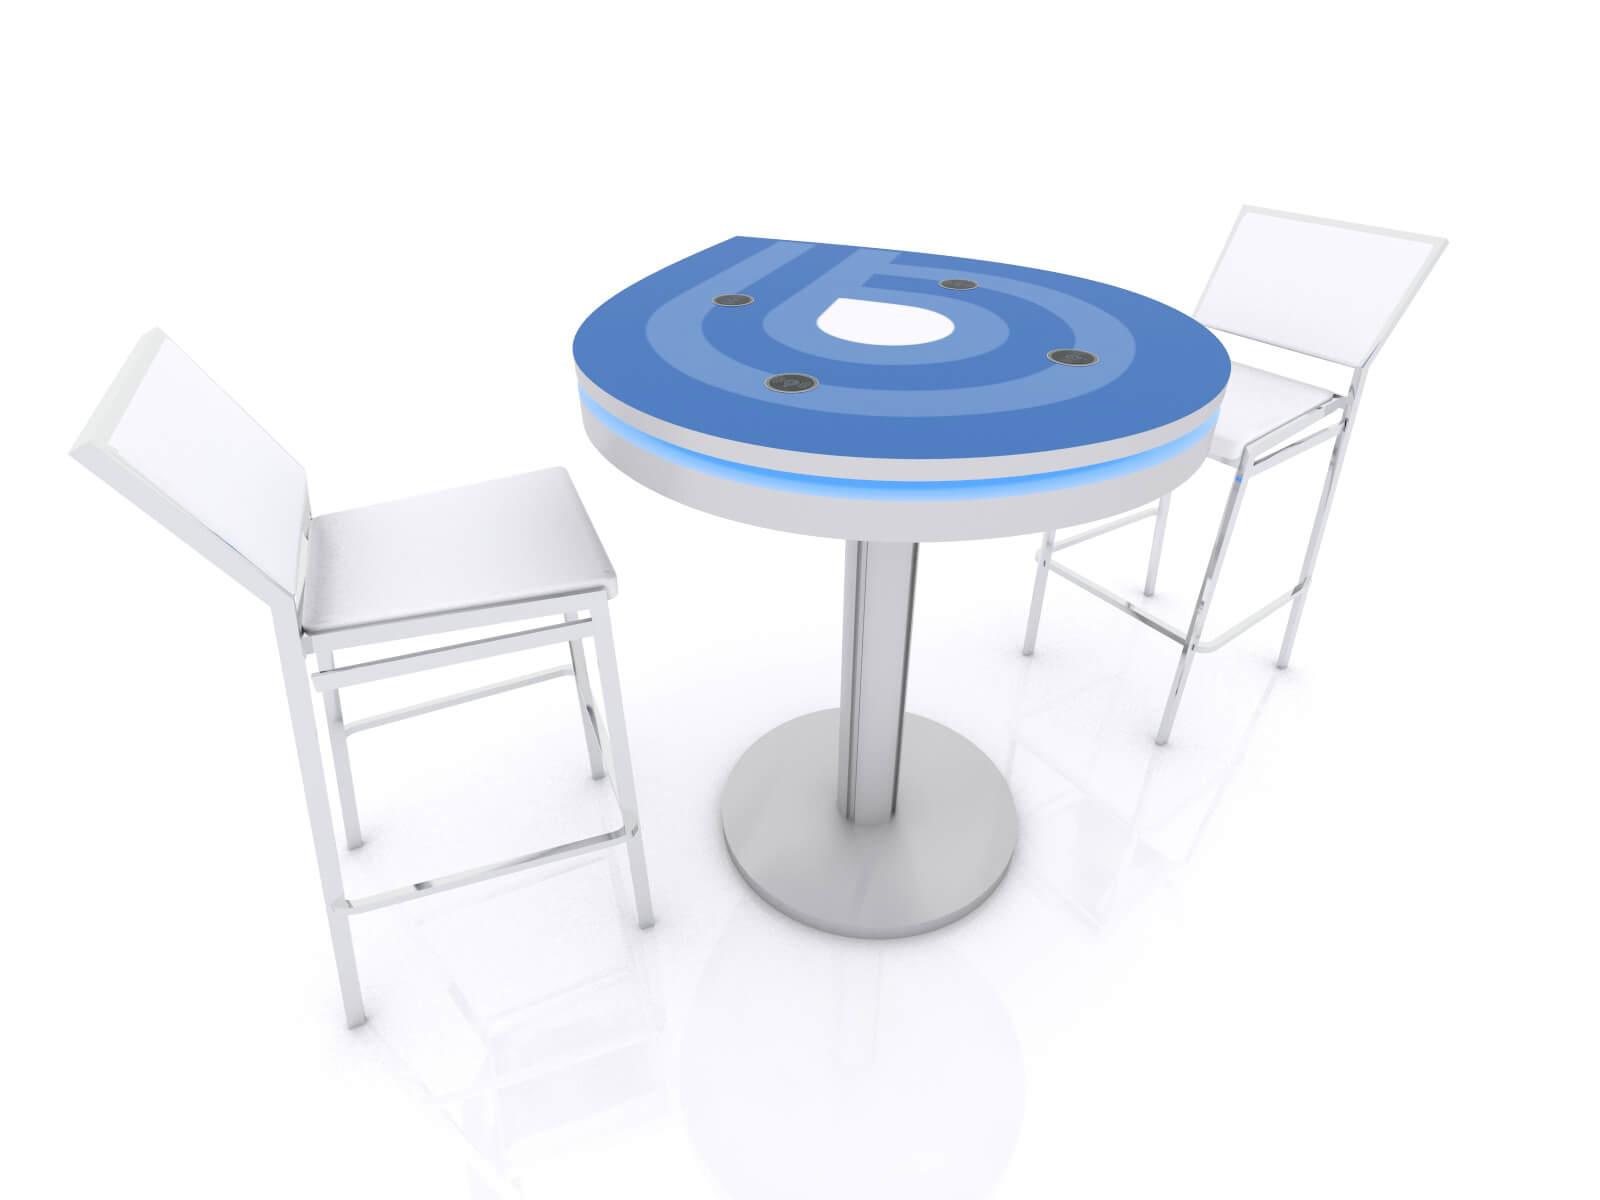 MOD-1457 Wireless Charging Teardrop Table